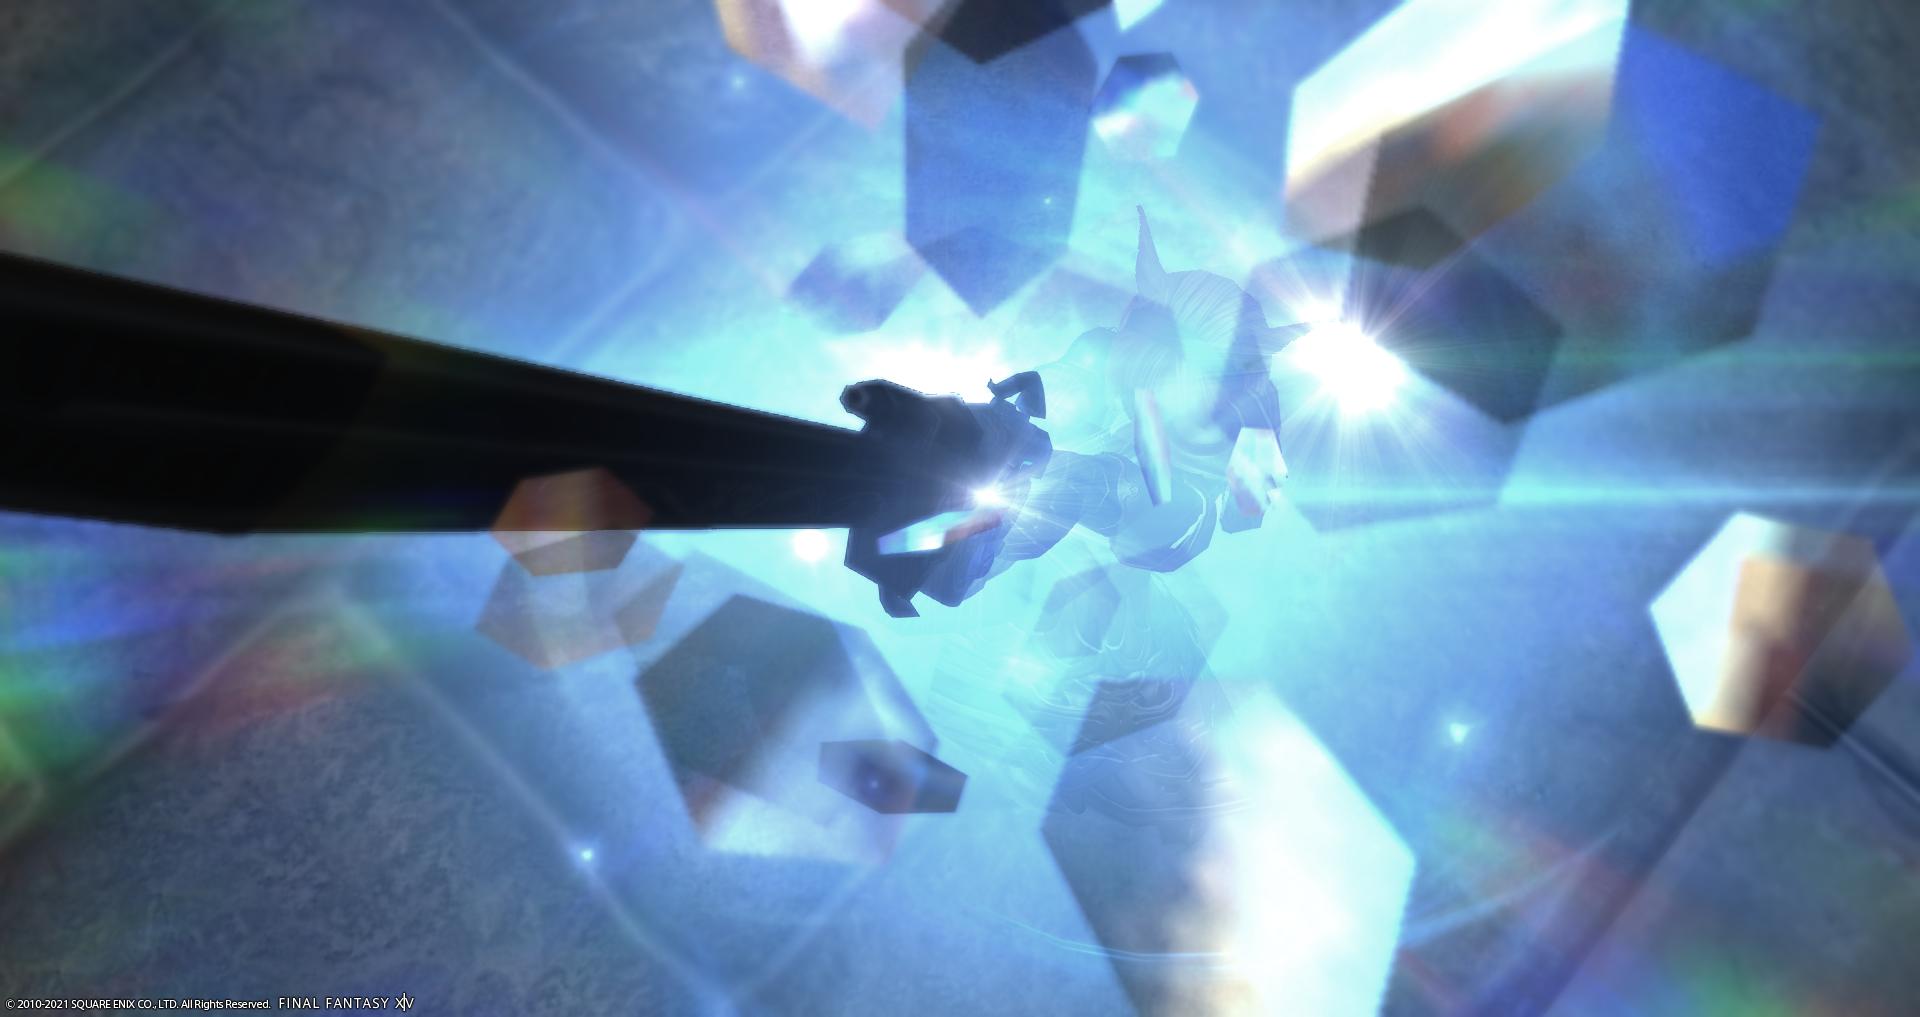 回し ガン ブレイカー スキル 【FF14】ガンブレイカーのスキル回し(80レベル)【パッチ5.55】|ゲームエイト